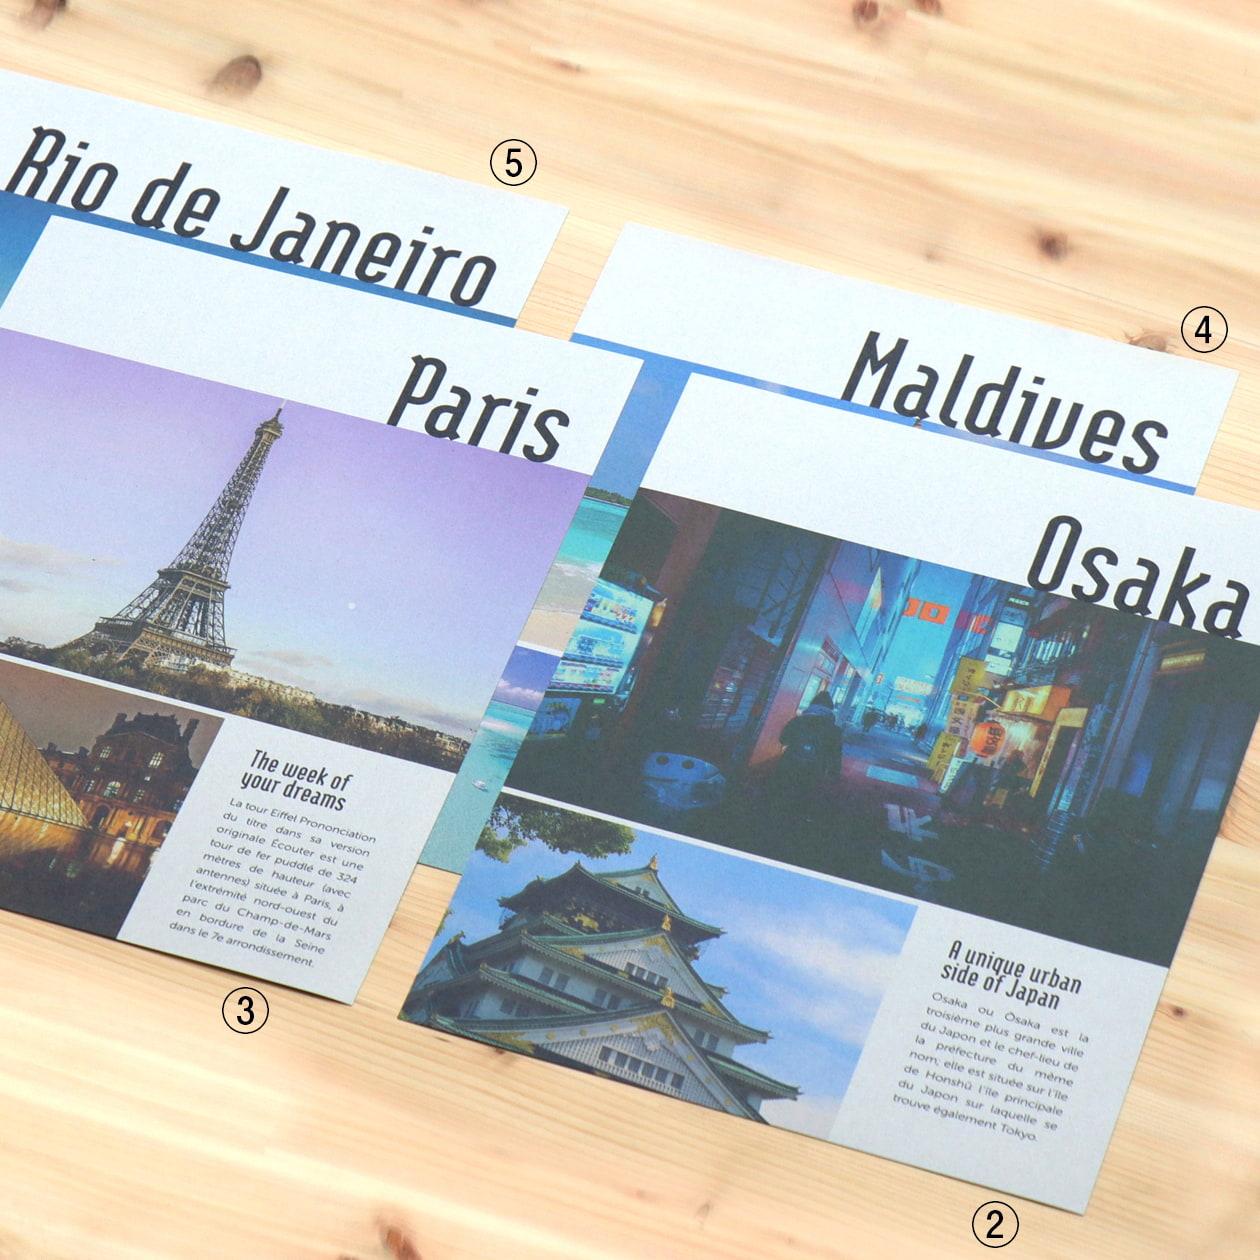 旅行会社のツアーパンフレット用フォルダーセット